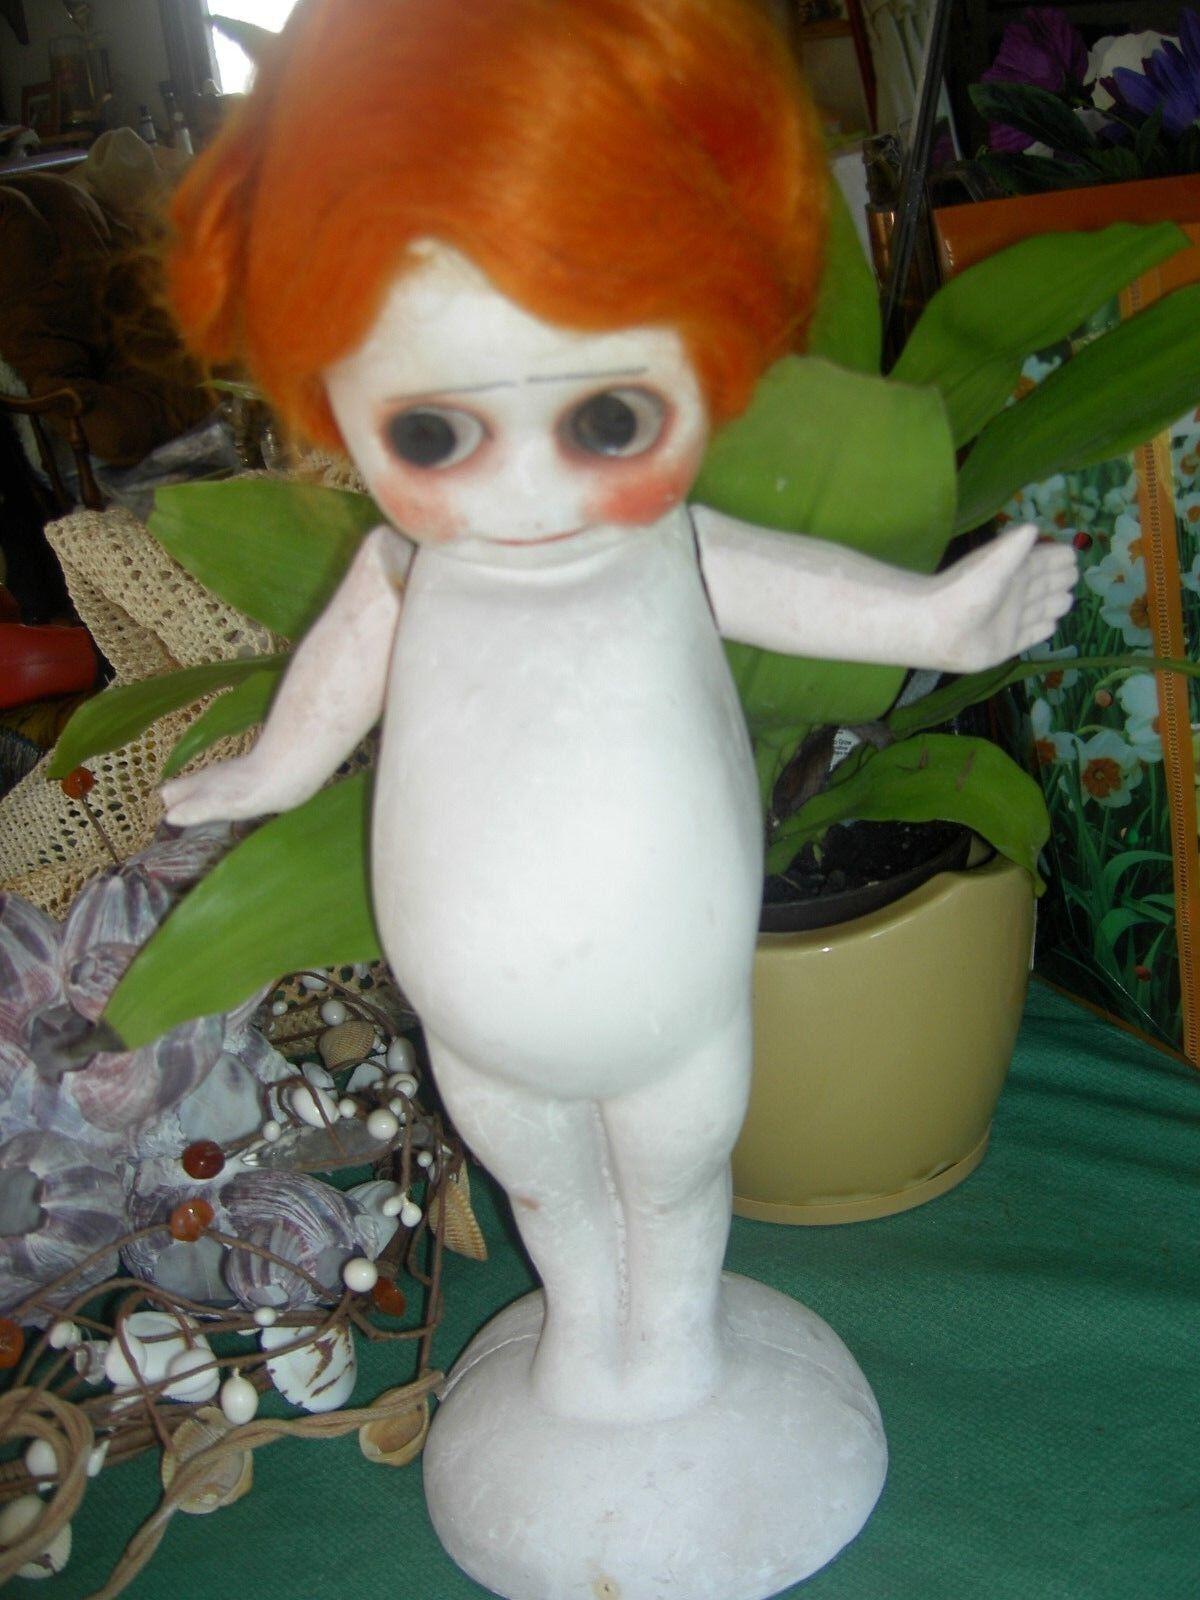 Muy Raro Antiguo Kewpie Con Alas & brazos móviles Lámpara chalkware tipo de Carnaval